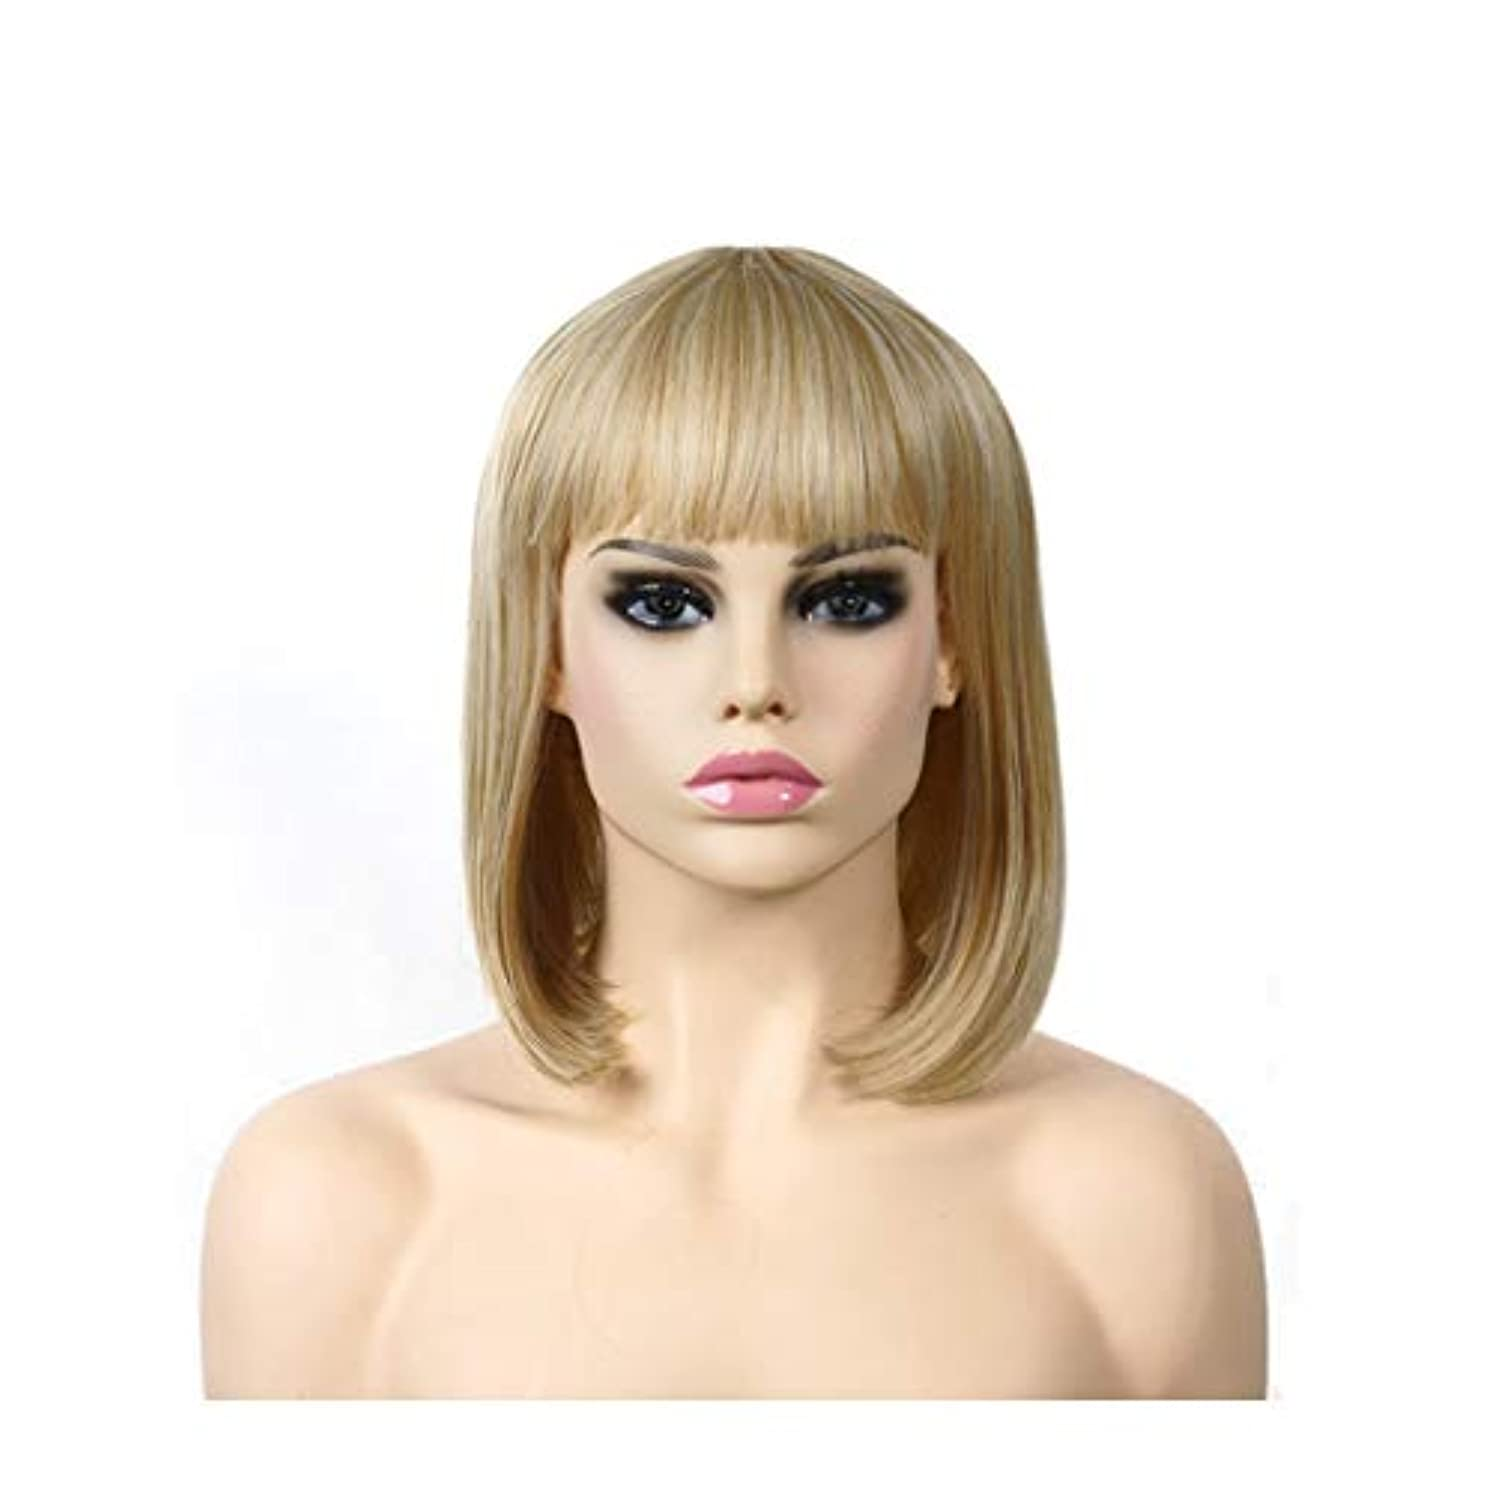 バルーン増加するによるとYOUQIU ゴールドロングストレートヘアウィッグ高温シルクヨーロッパやアメリカのファッションショルダーウィッグウィッグ (色 : ゴールド)